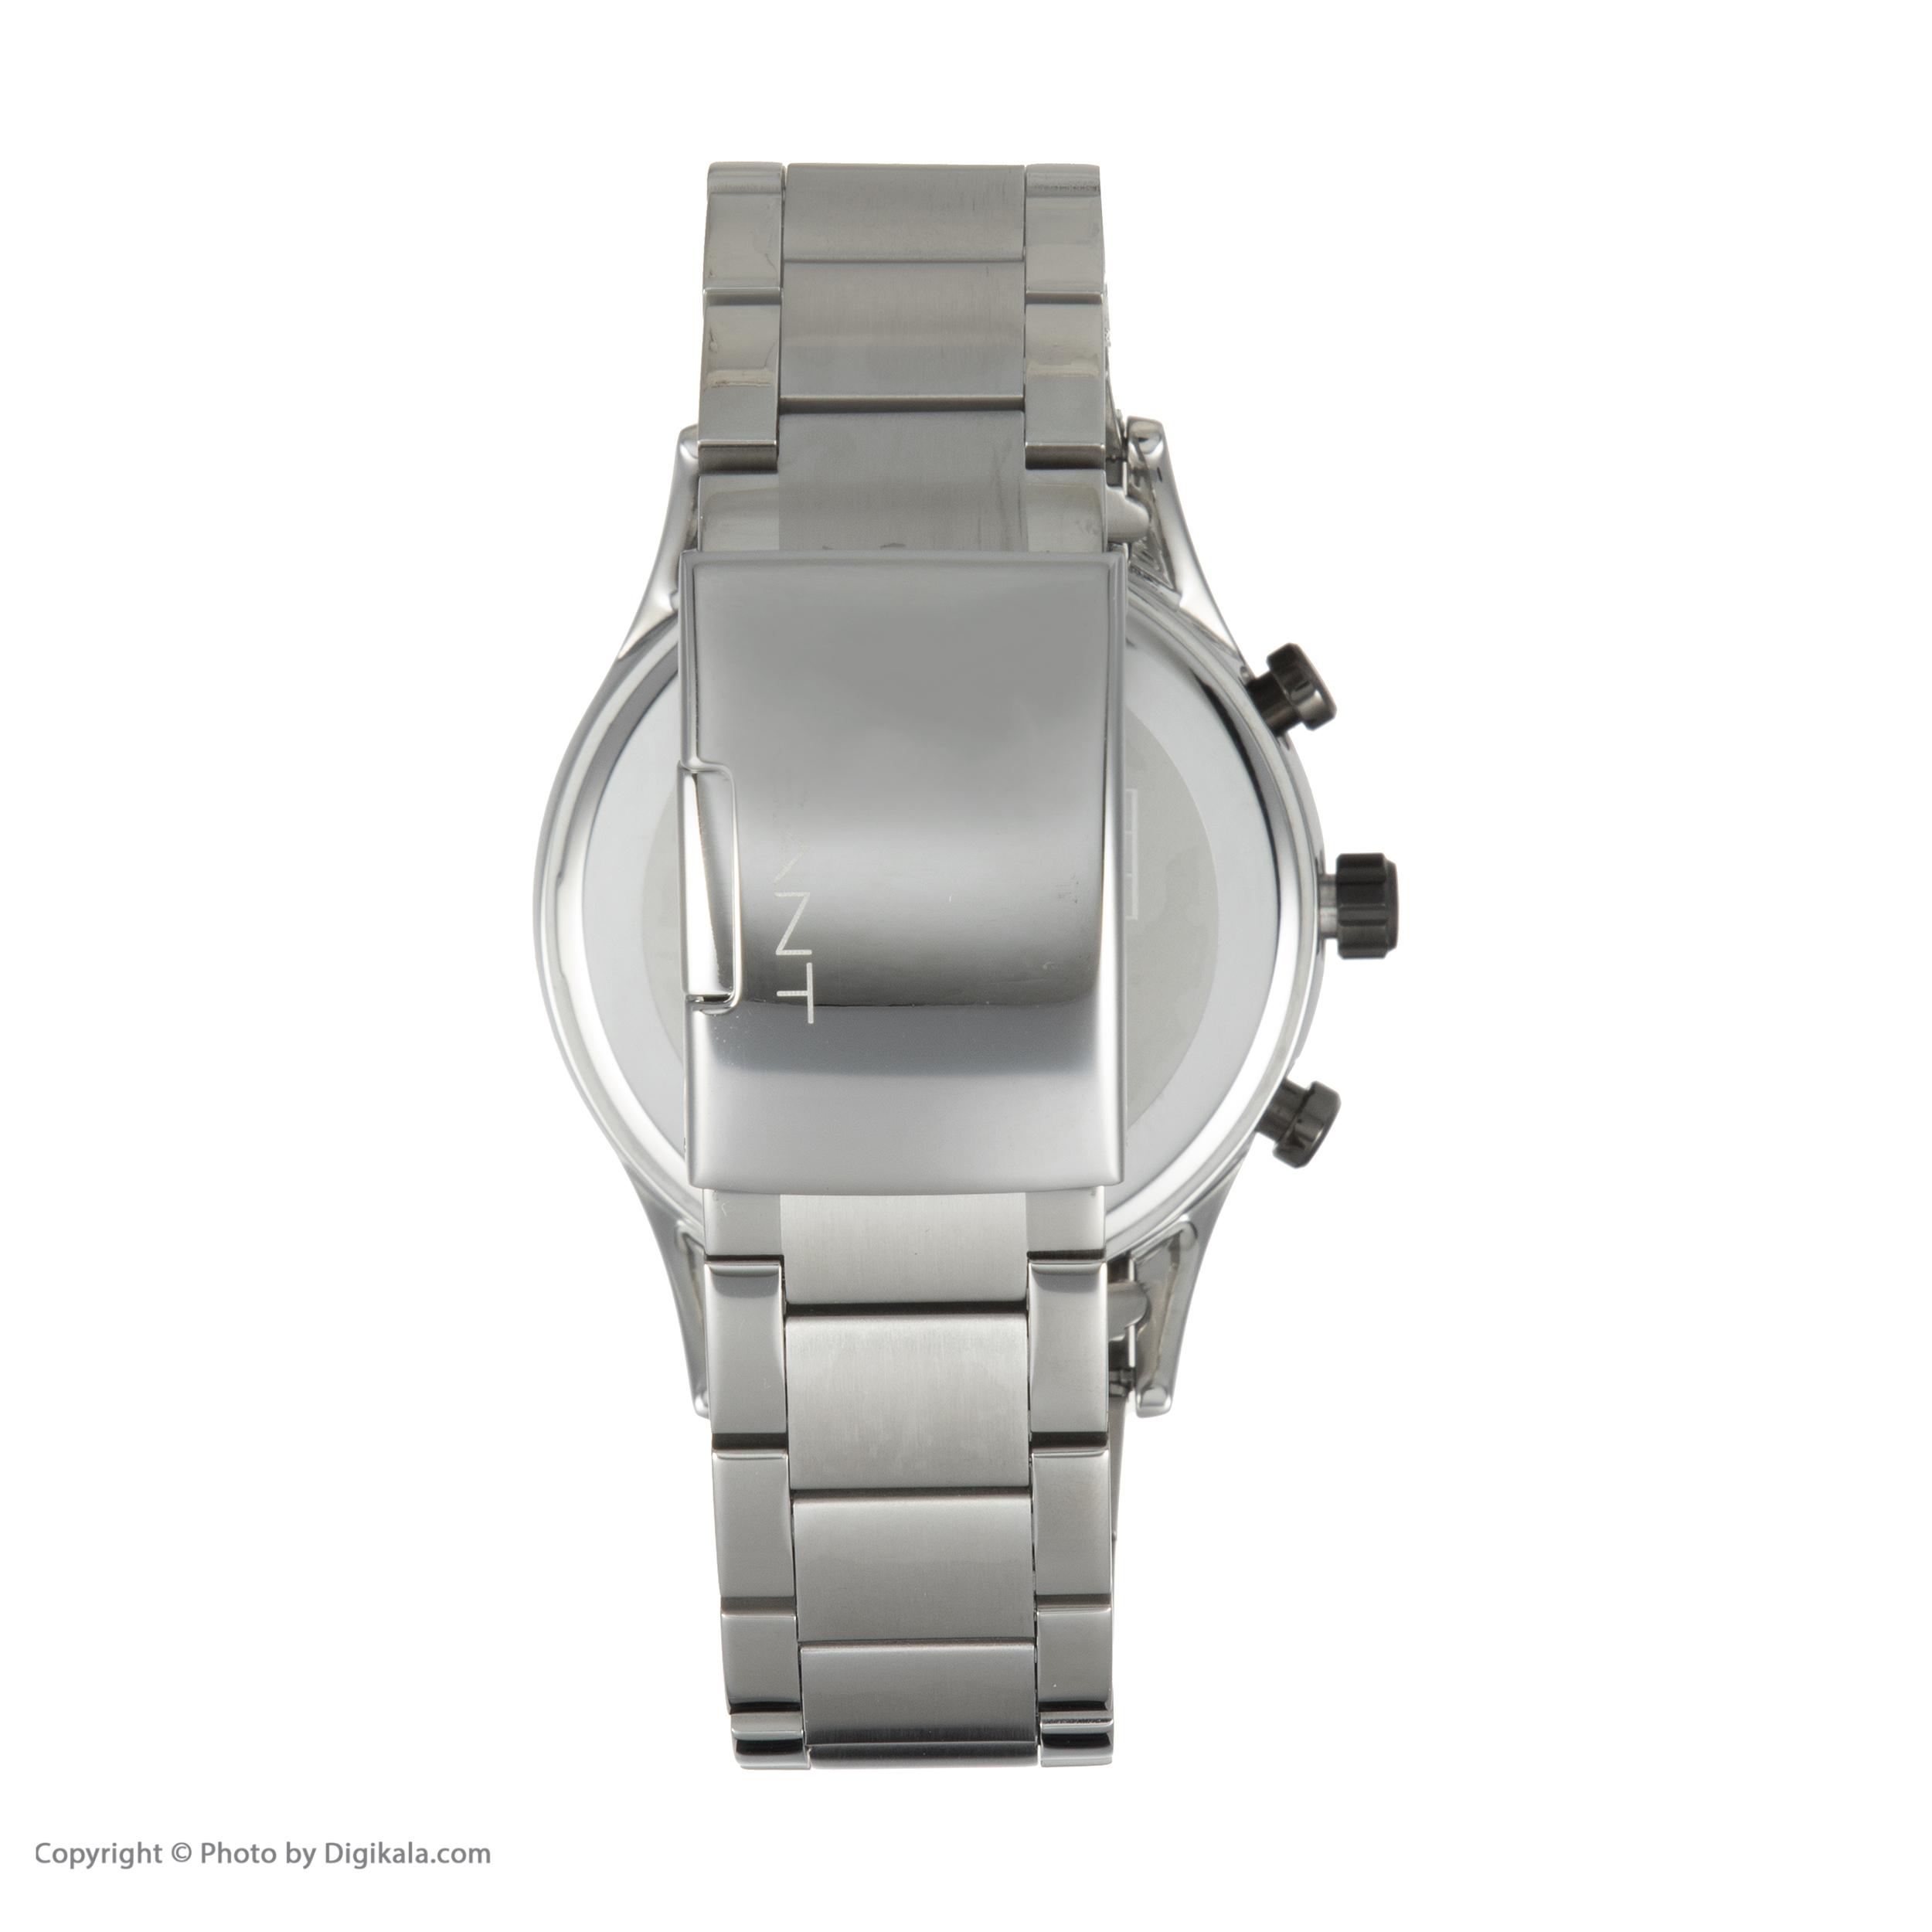 ساعت مچی عقربه ای مردانه گنت مدل GWW005021 -  - 4